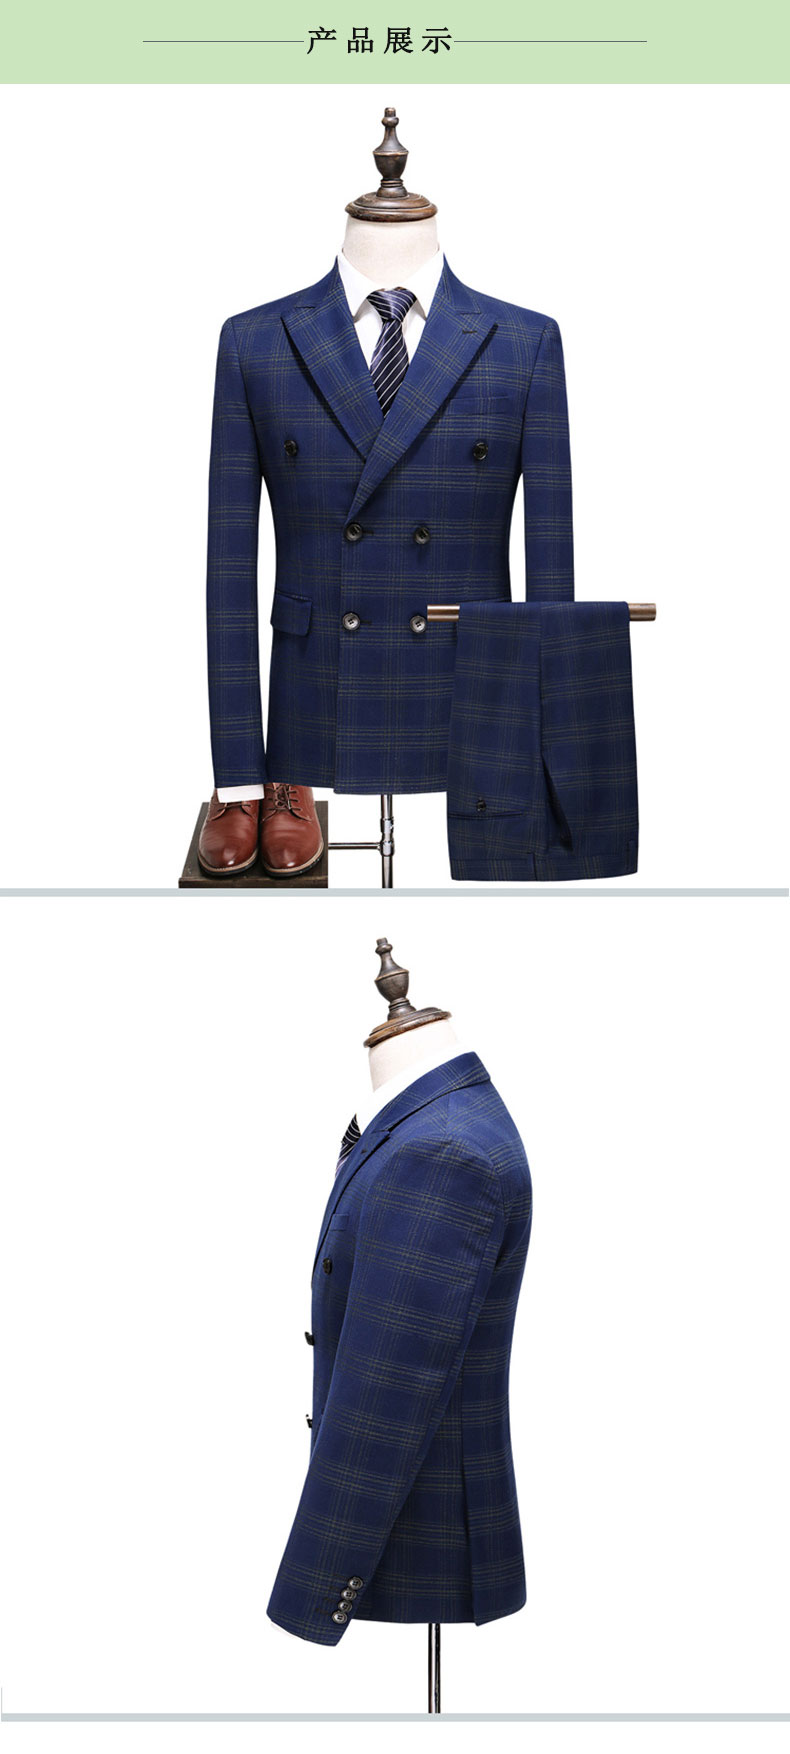 男士格子双排扣西装款式图